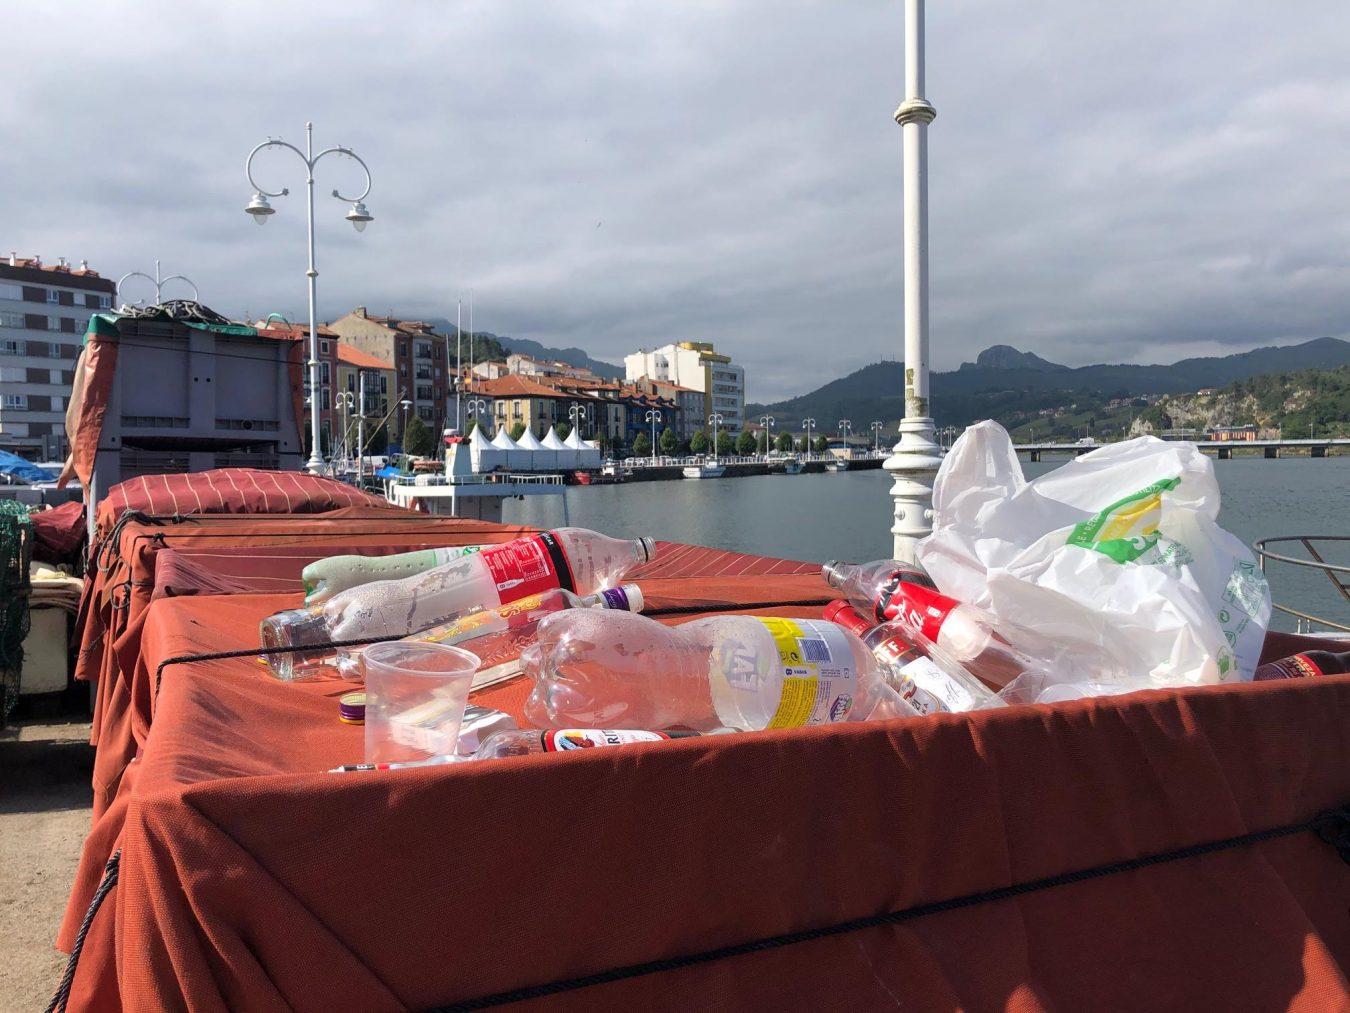 El alcalde de Ribadesella pide mas apoyo de la Guardia Civil para erradicar los botellones